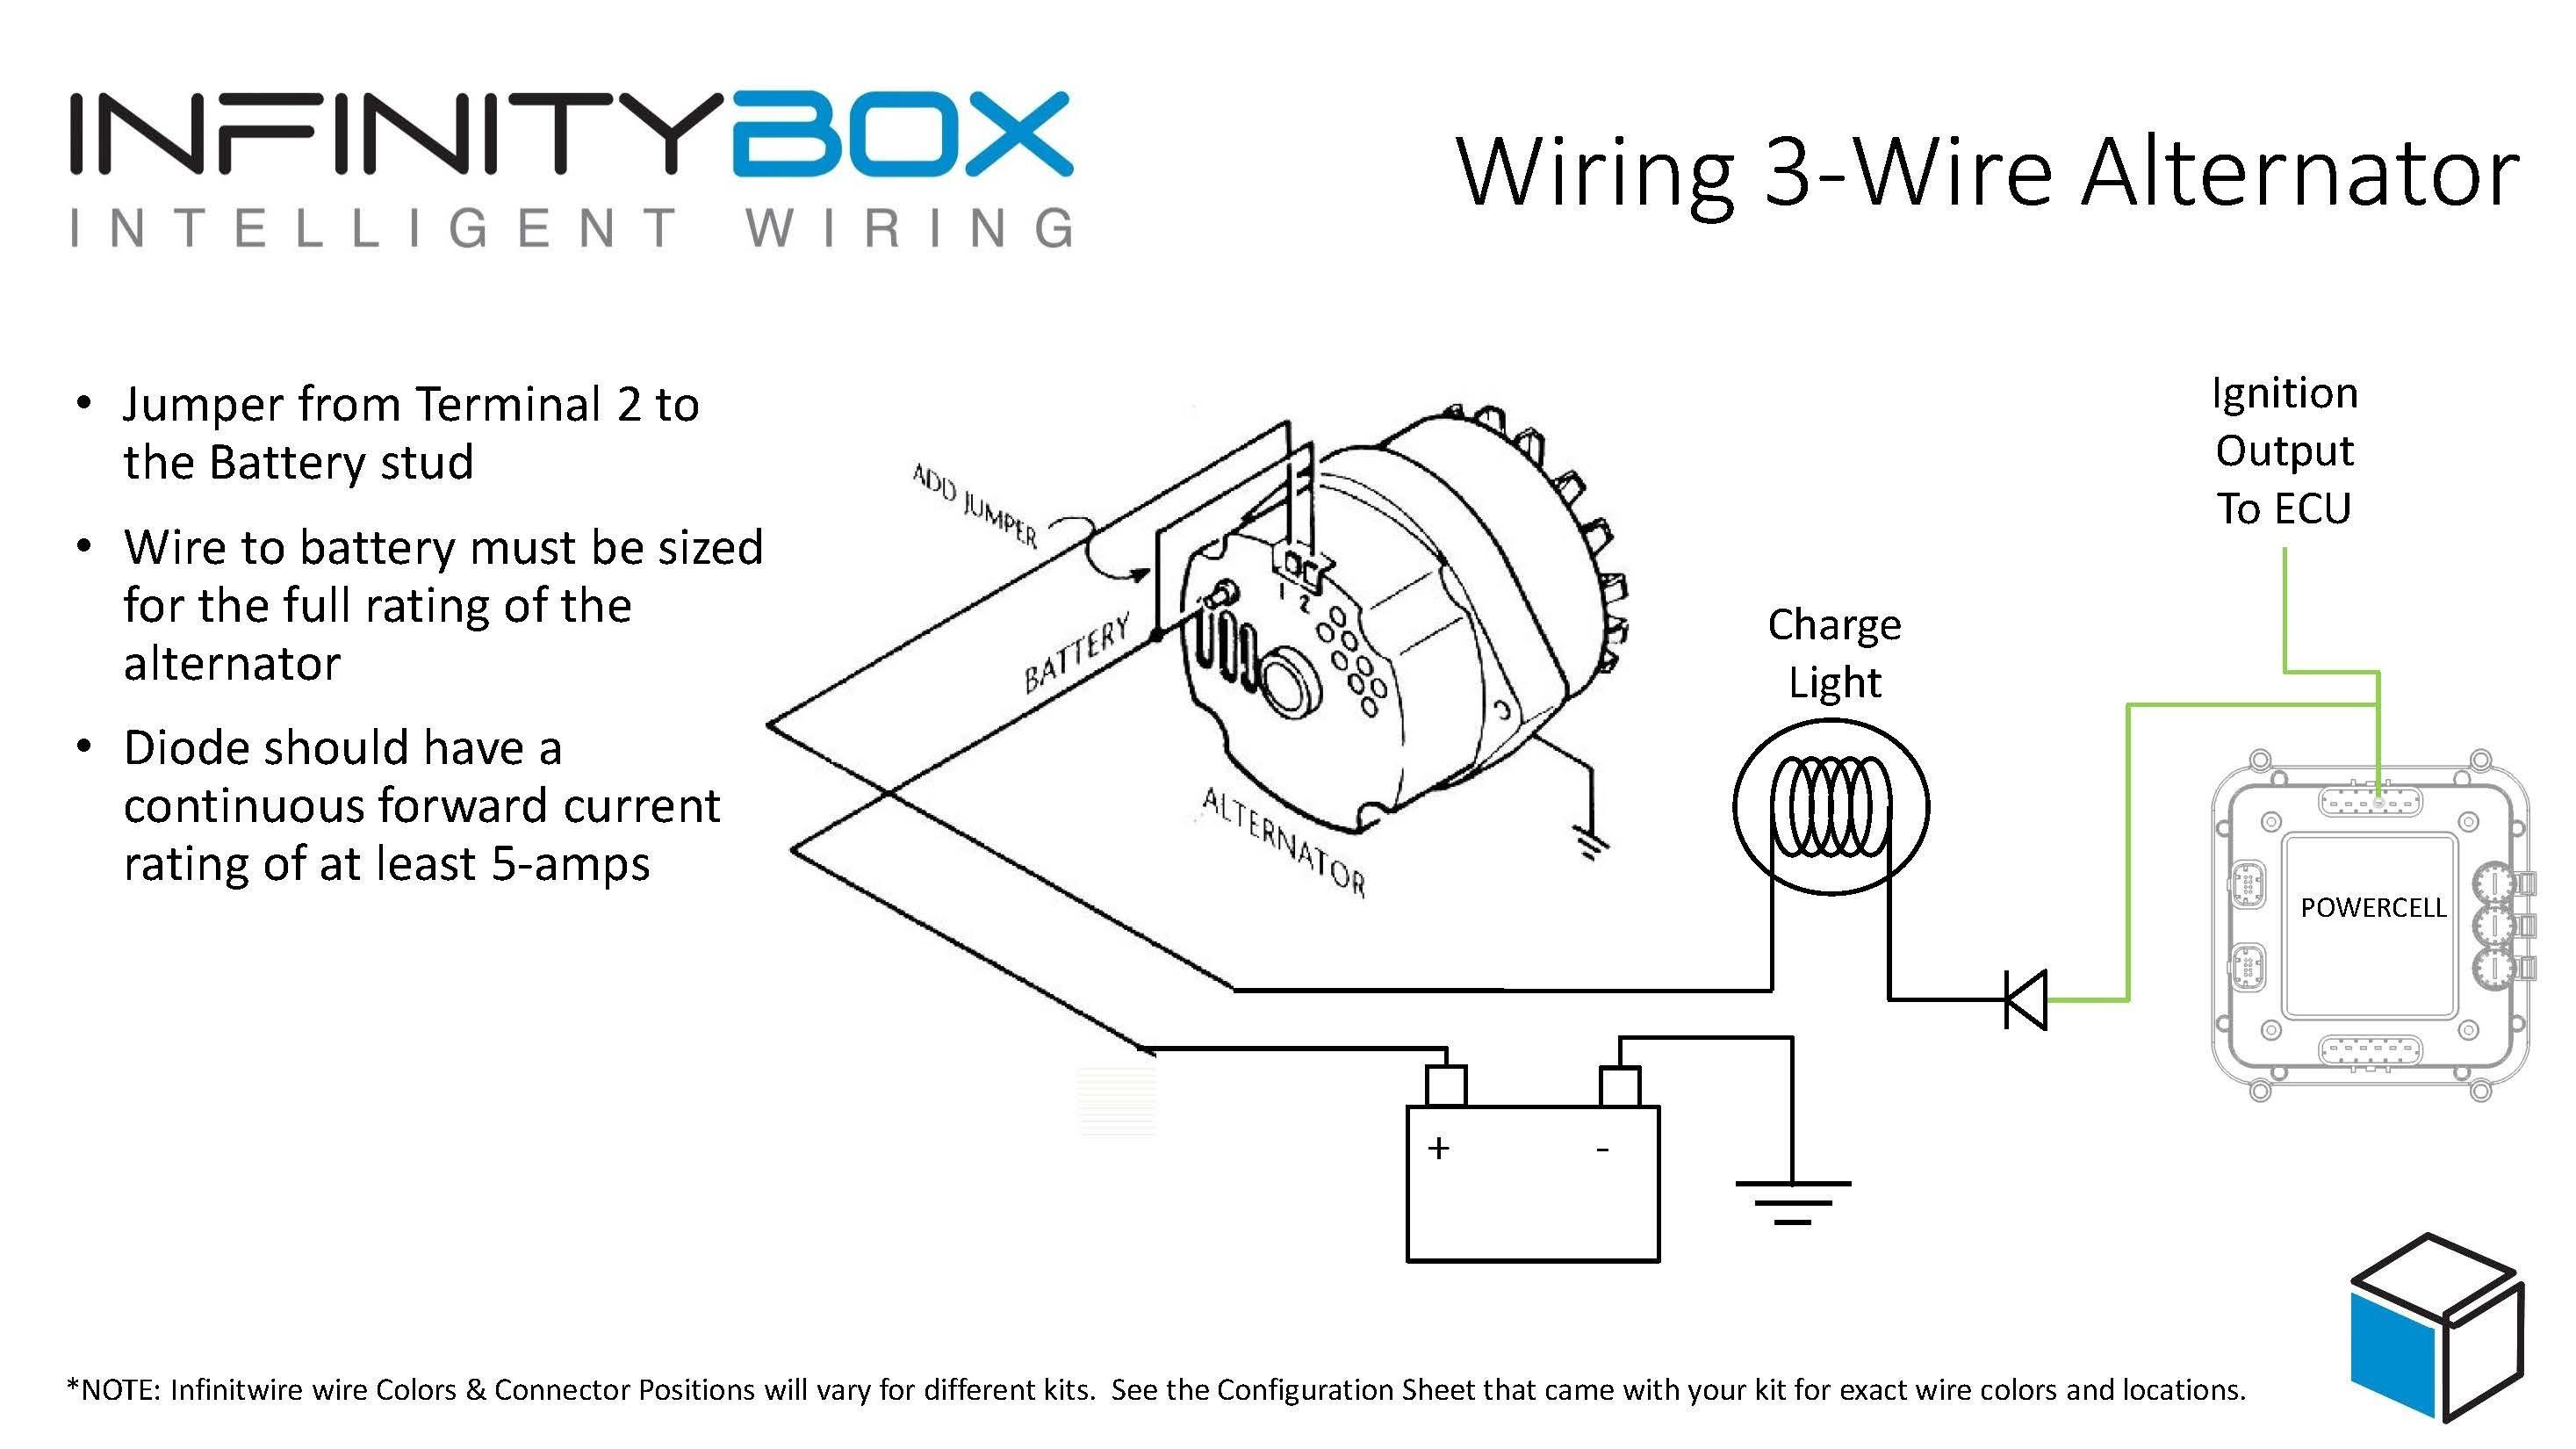 three wire alternator wiring diagram Collection-3 Wire Alternator Wiring Diagram Chevy Fresh Best Wiring Diagram Alternator ford Irelandnews 10-g